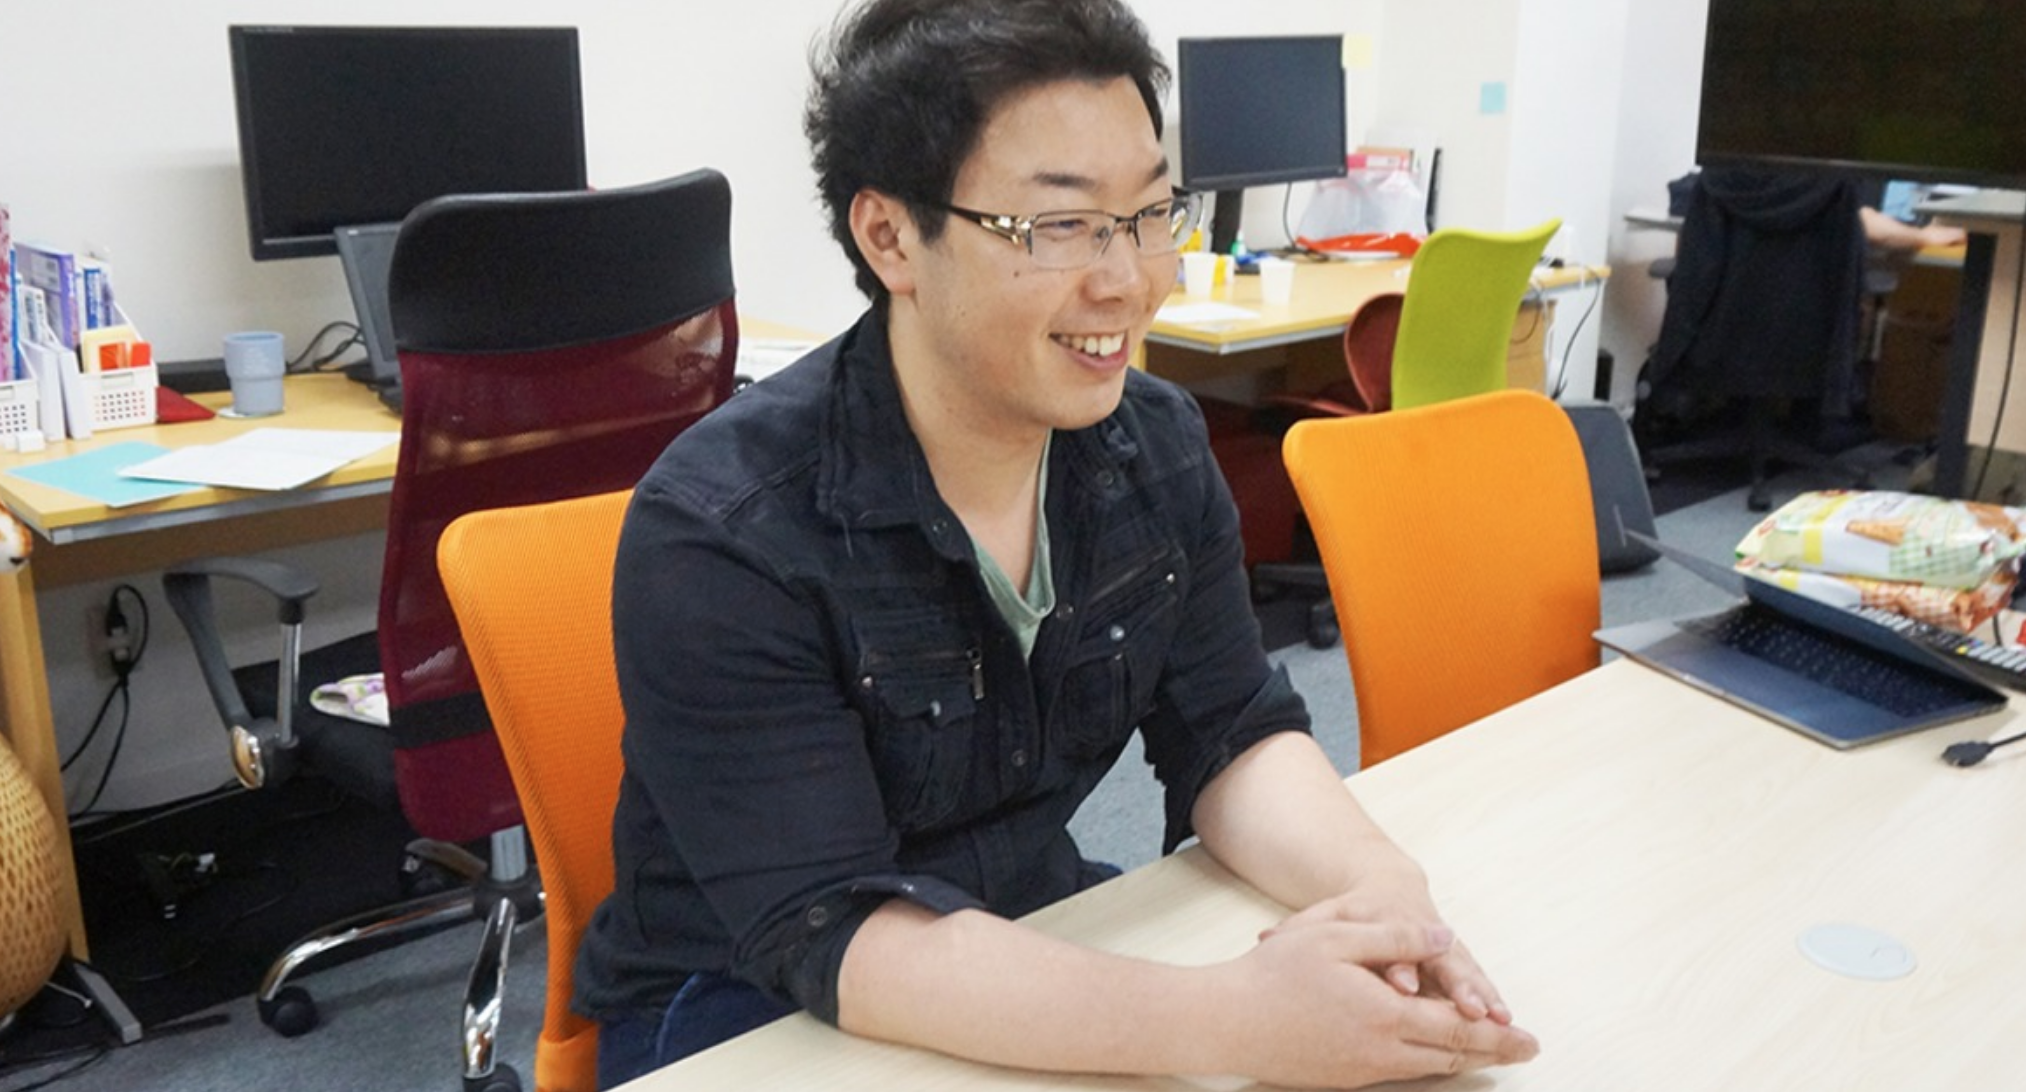 自身で開発したアプリは30個以上!福岡で塾講師をしていた中原さんが、AI英会話アプリのエンジニアとして活躍するまでの道のり